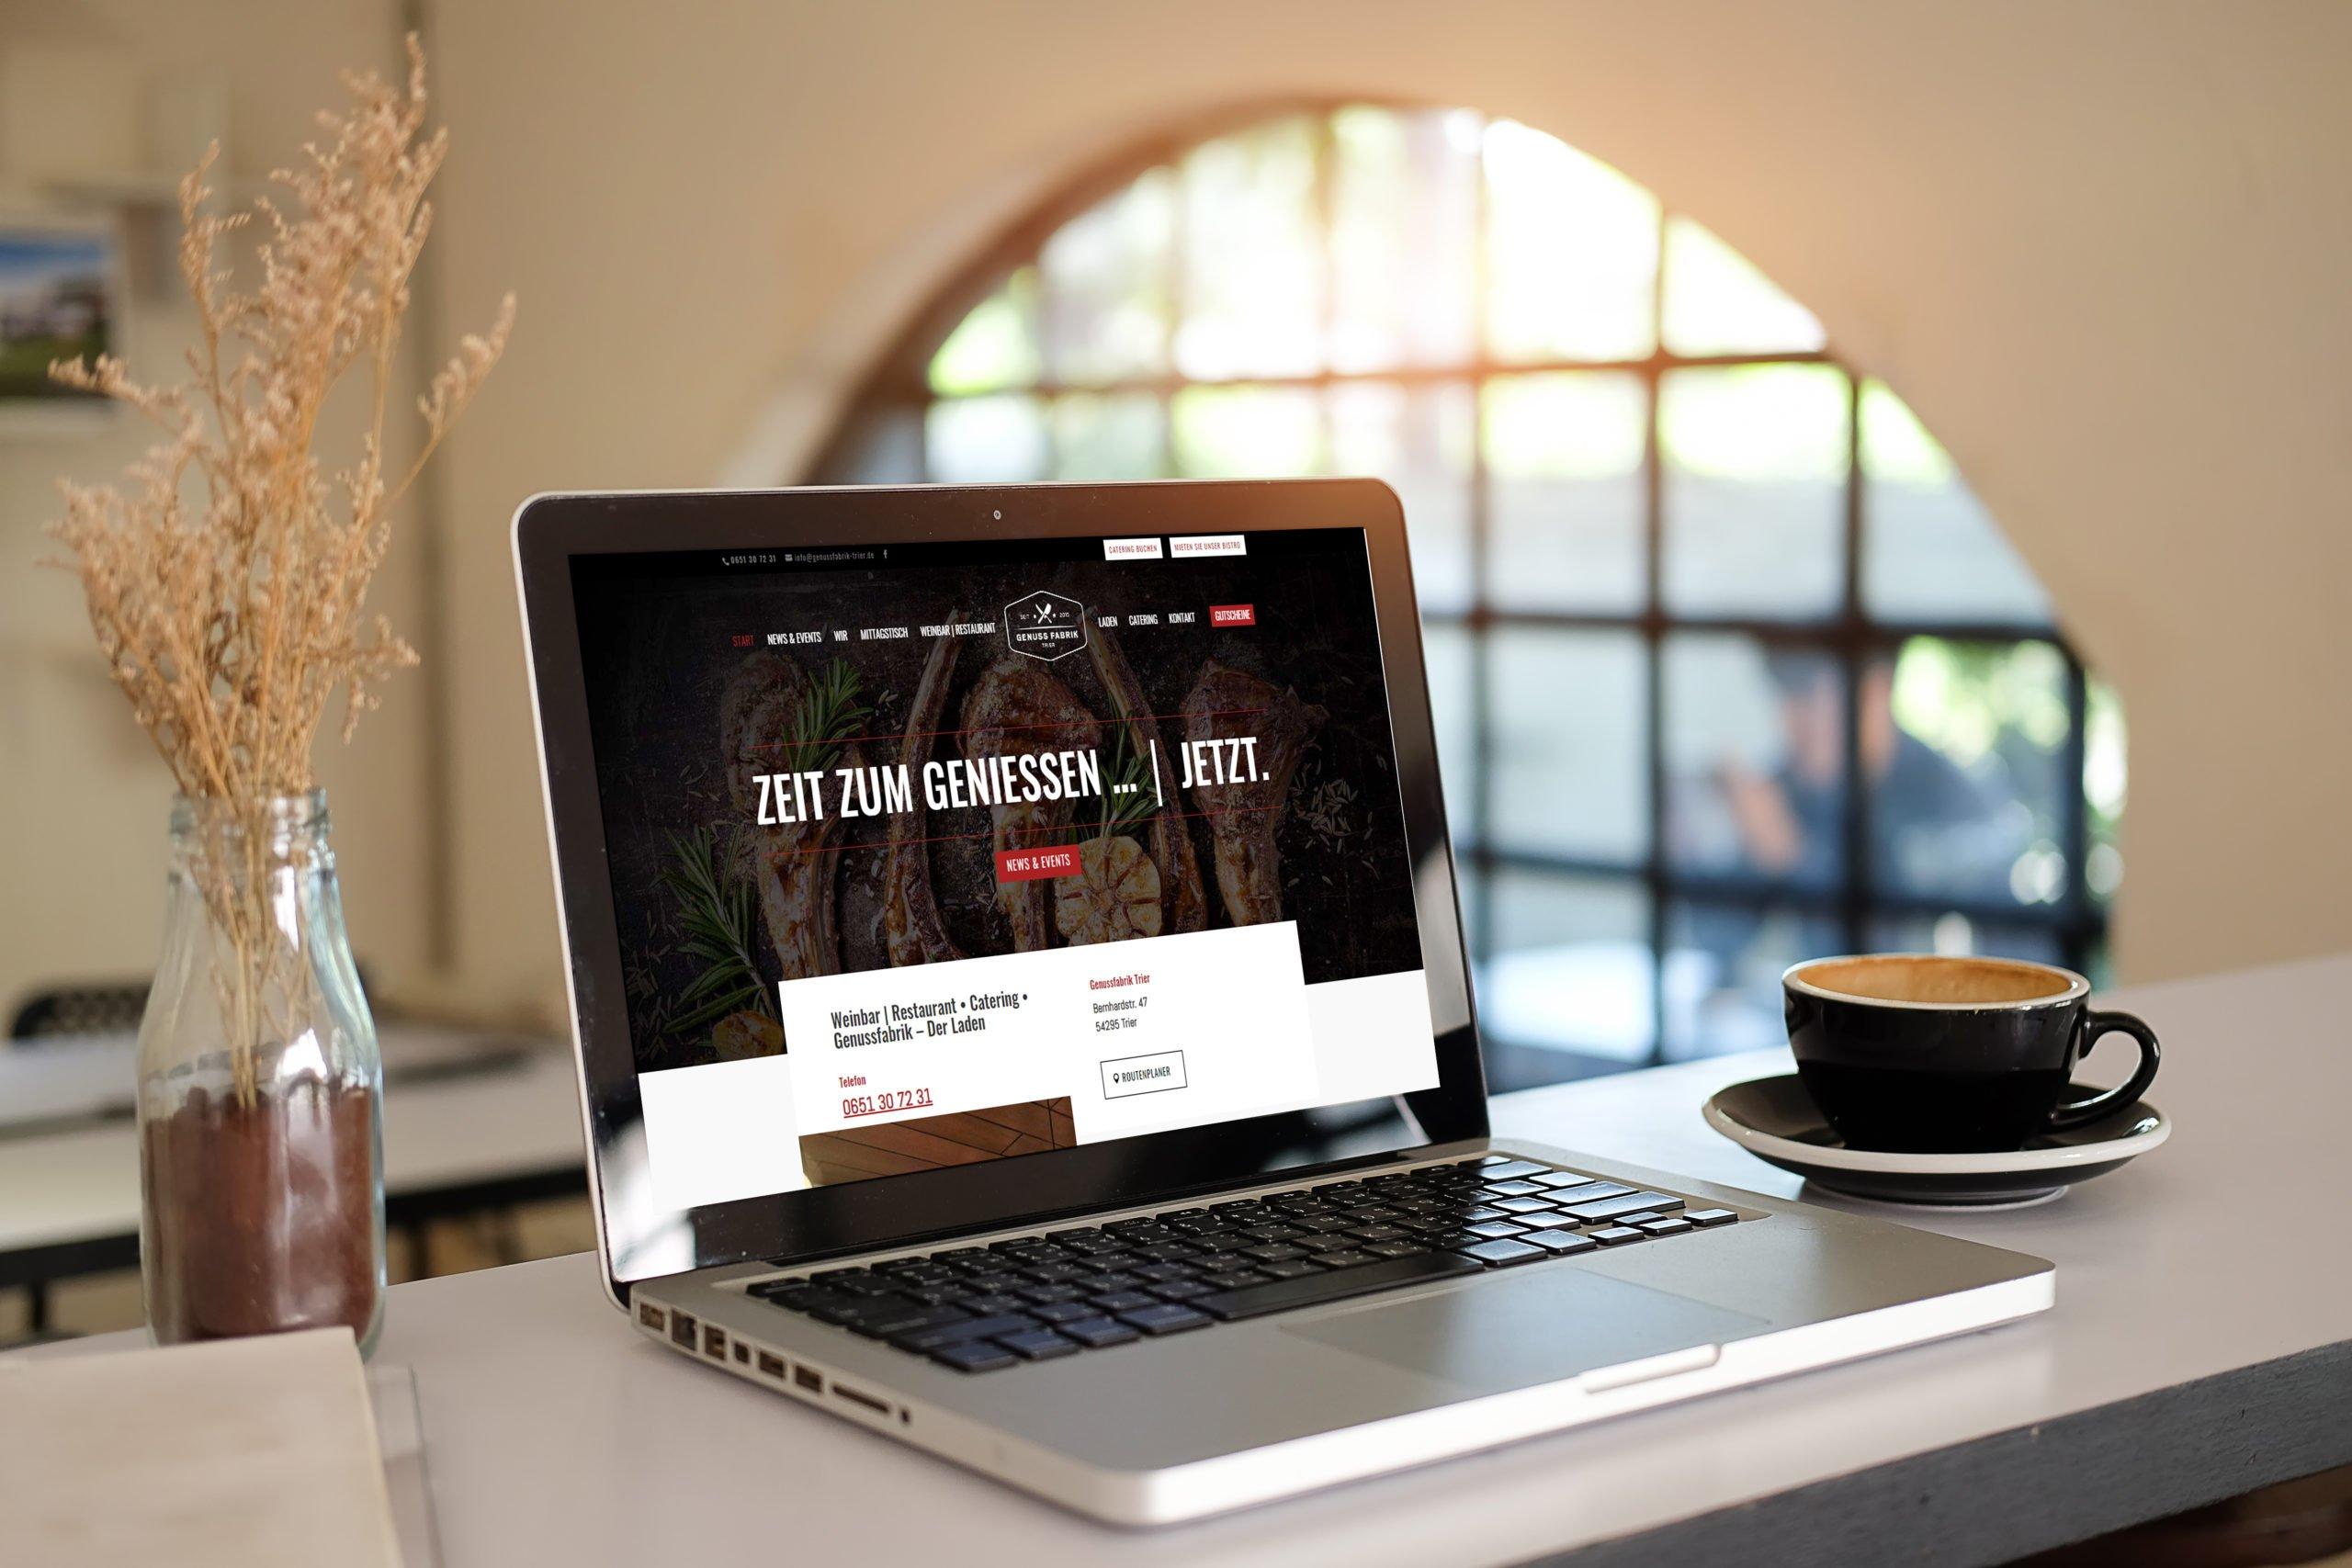 Die Website der Genussfabrik in Trier